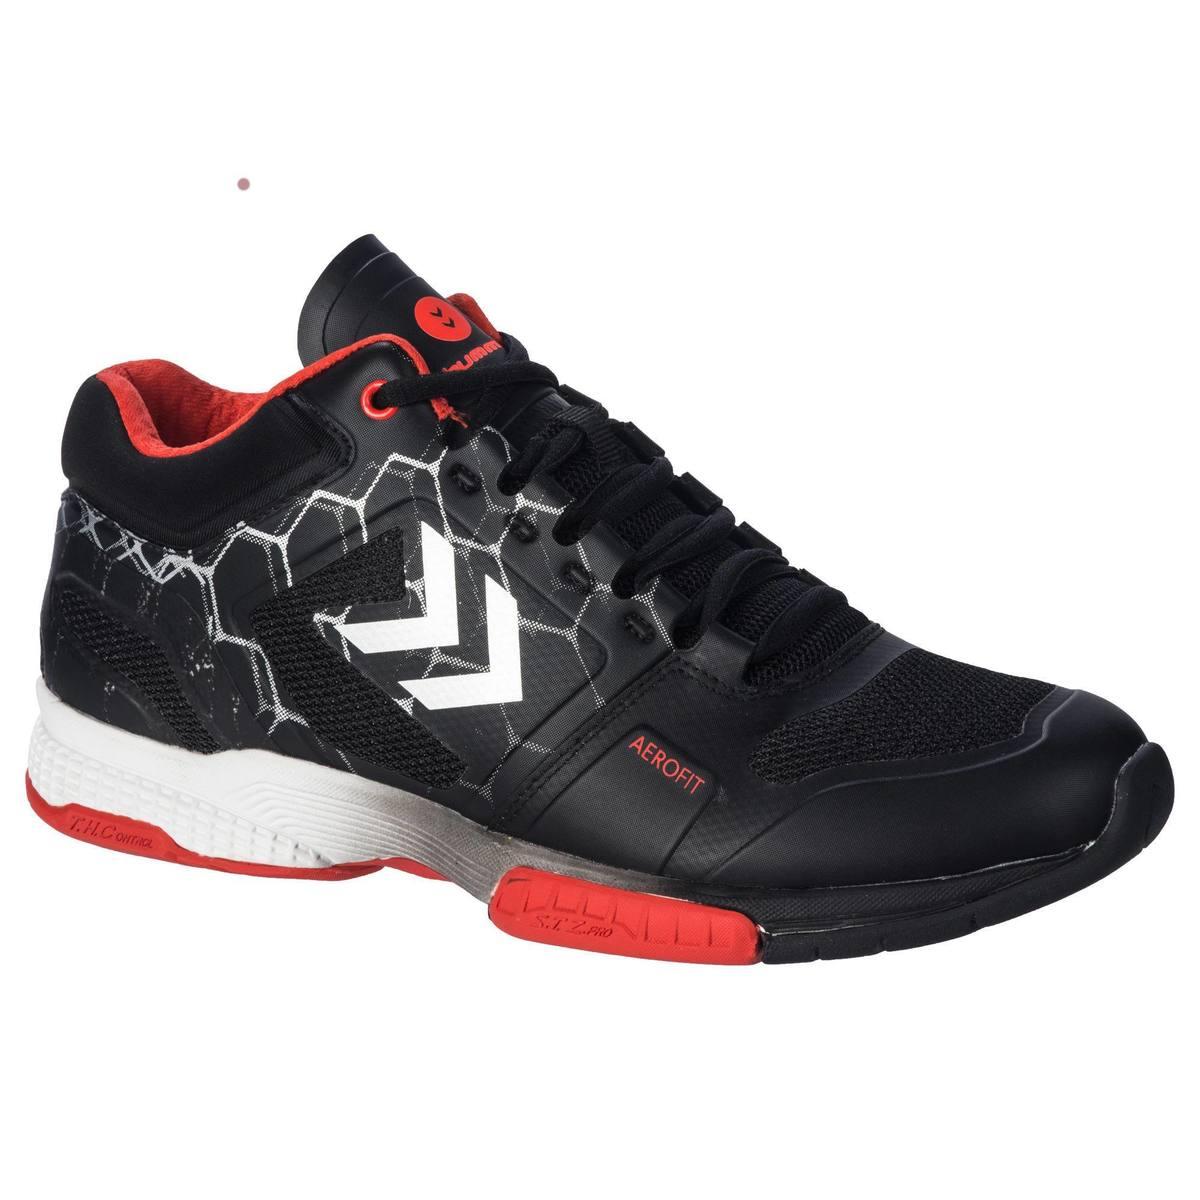 Bild 1 von Handballschuhe HB220 Aerocharge Erwachsene schwarz